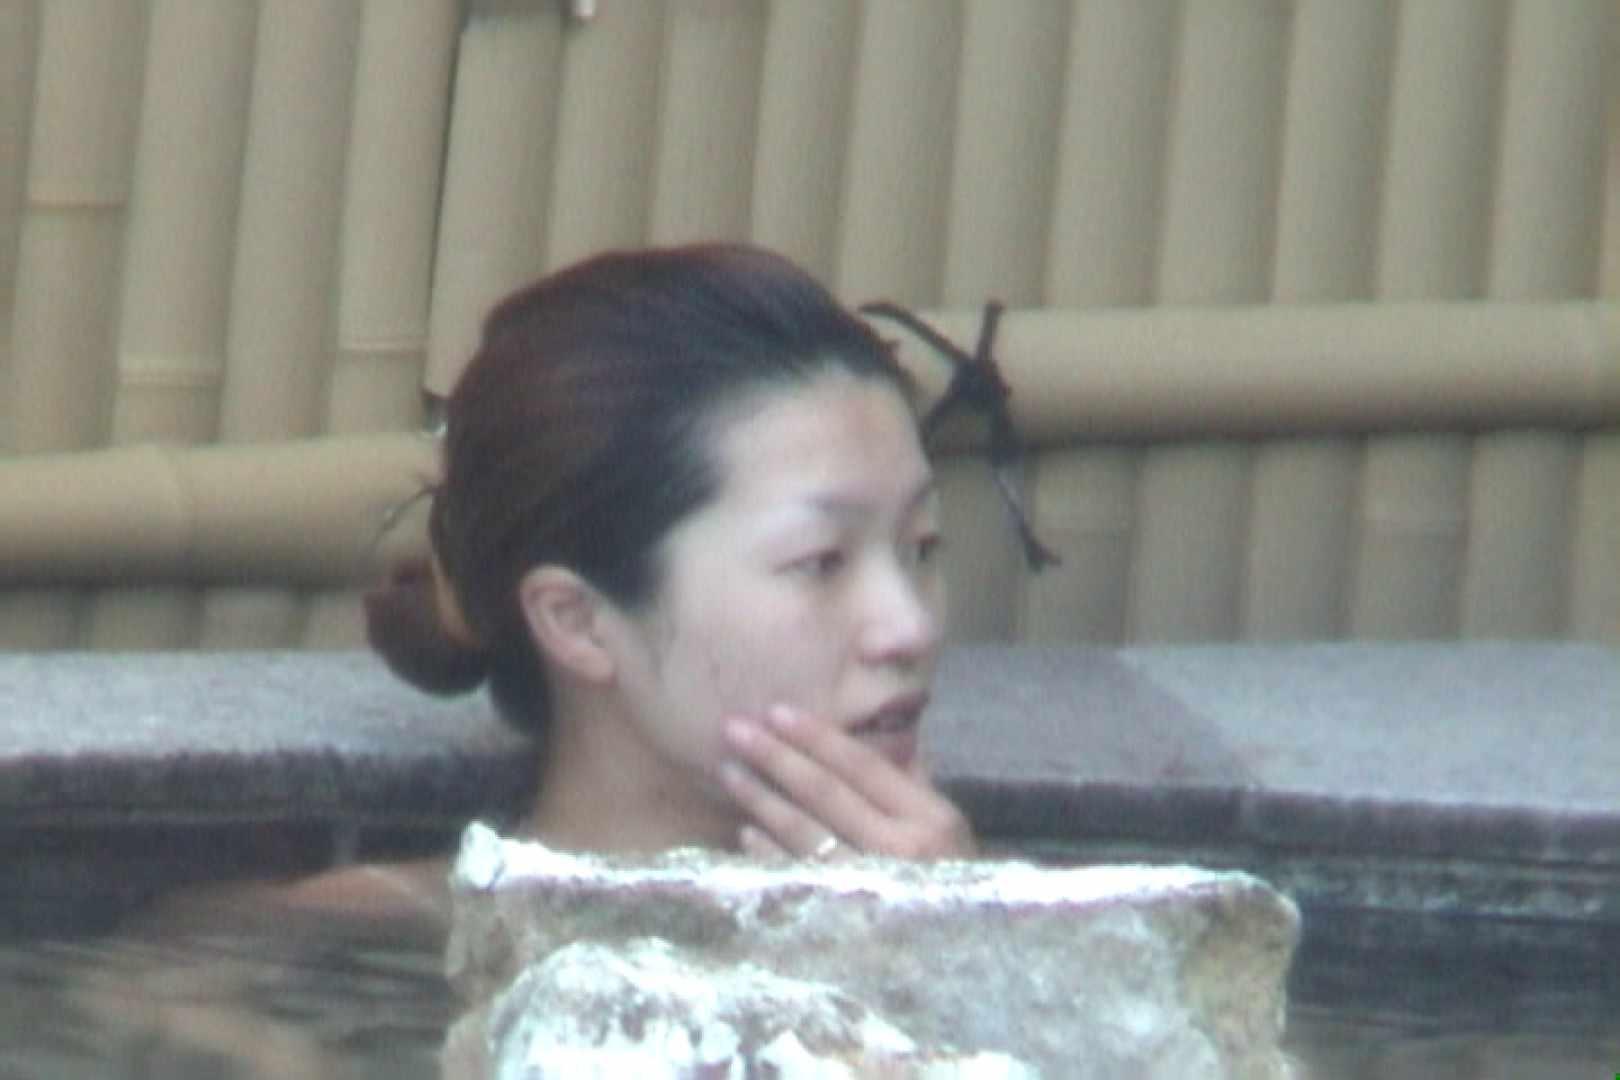 Aquaな露天風呂Vol.571 美しいOLの裸体  99pic 36